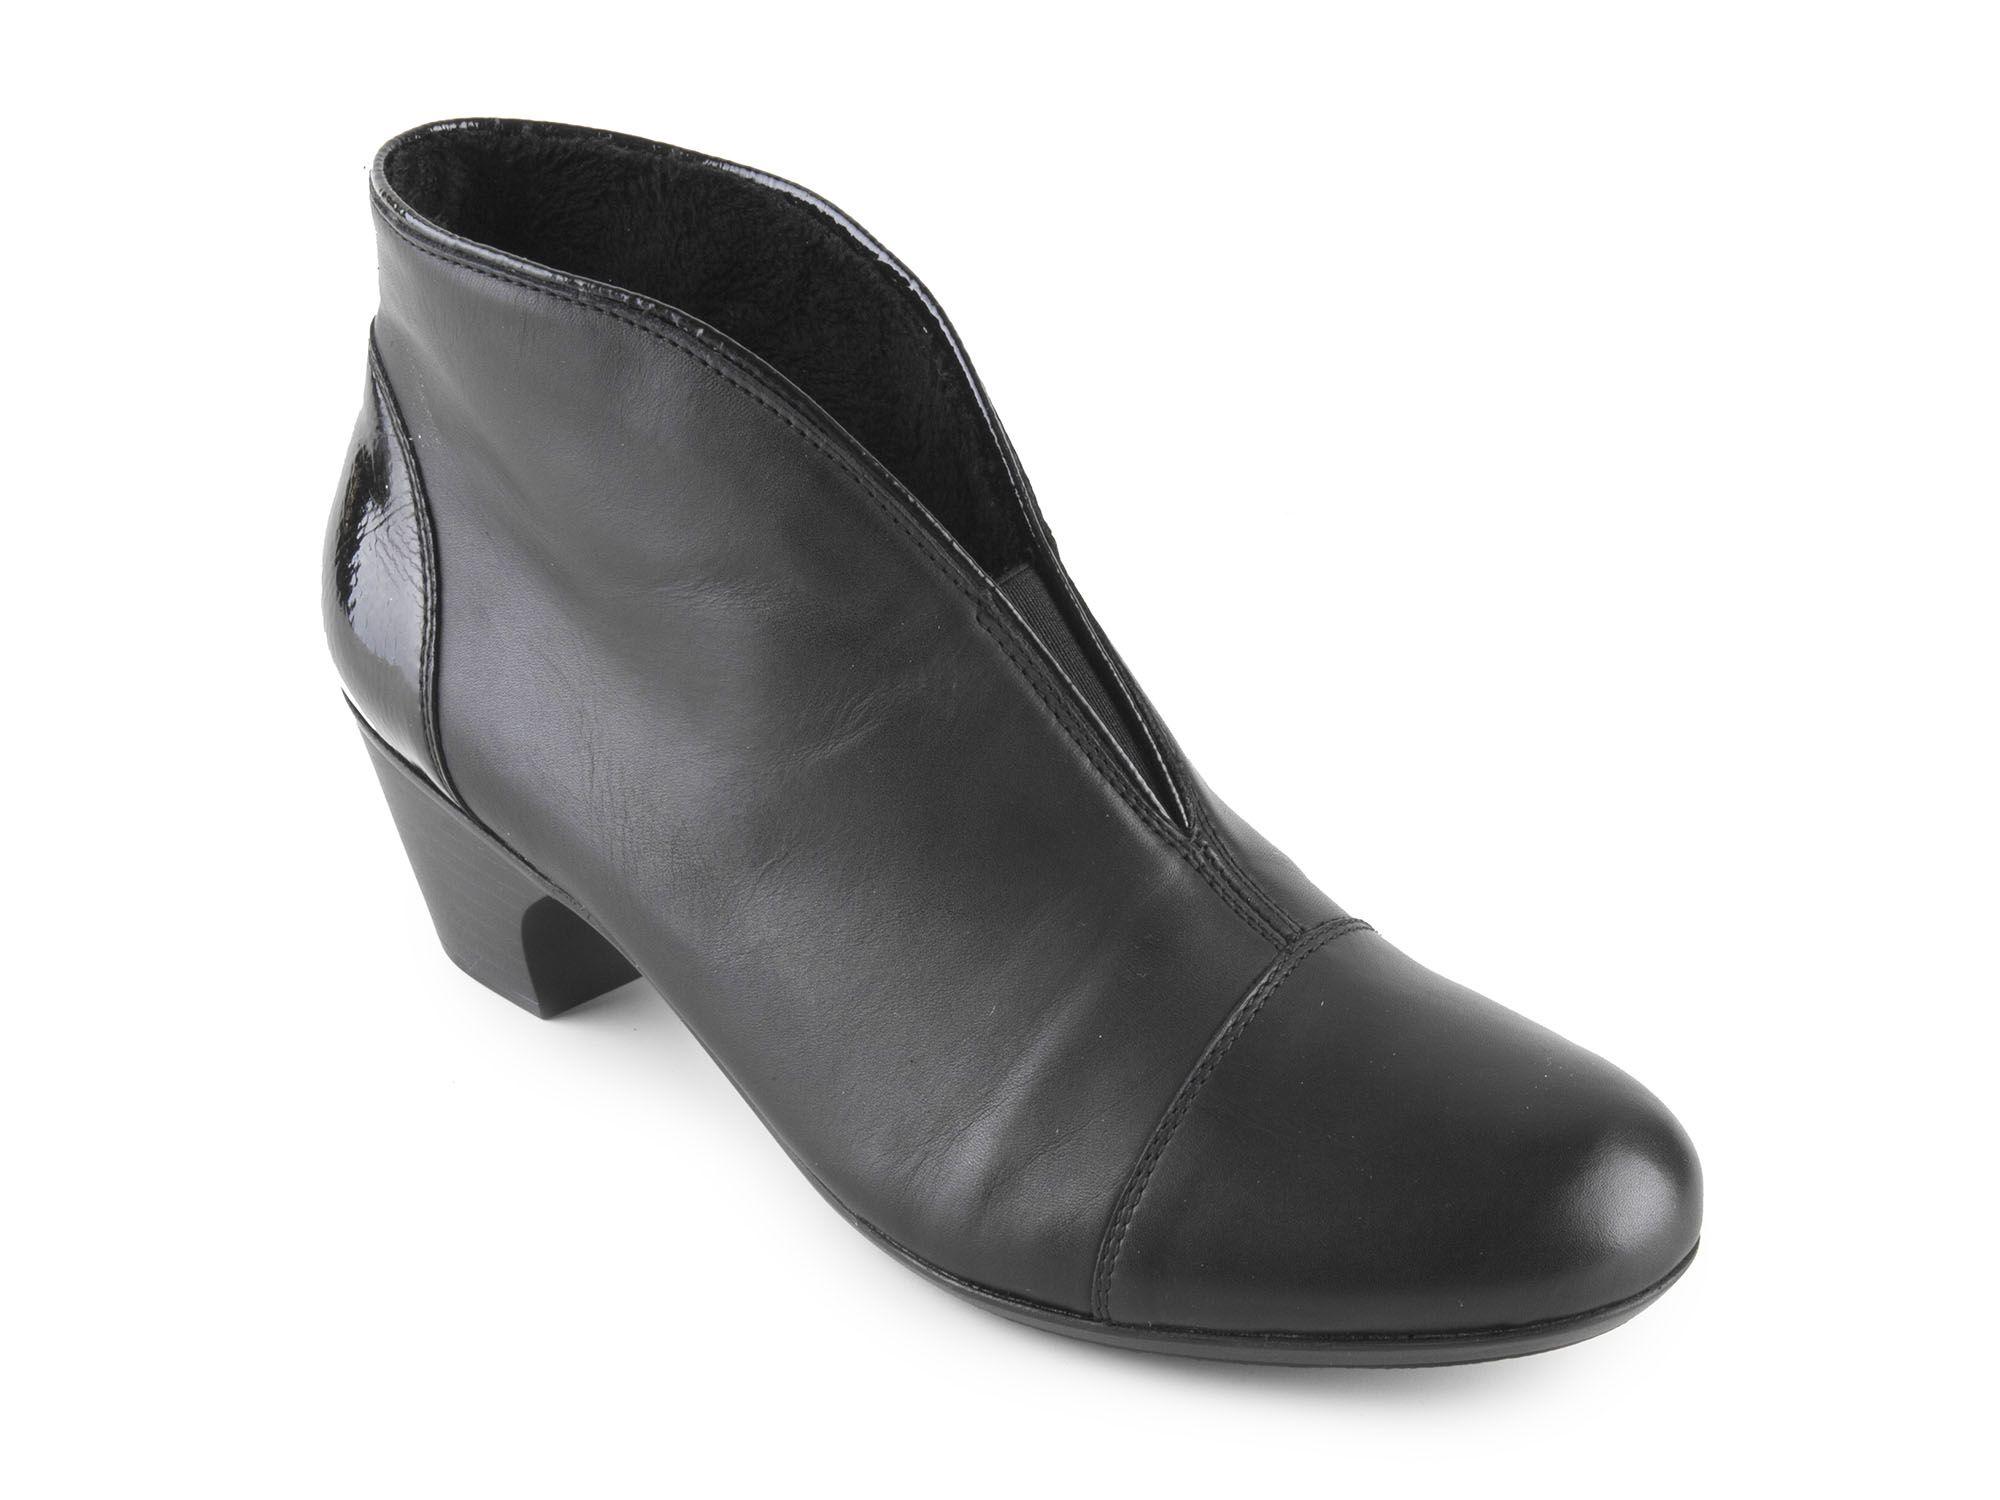 a0dfa8de213 Rieker - Elegantní dámské kotníkové boty na podpatku šíře G 50553-00   černá